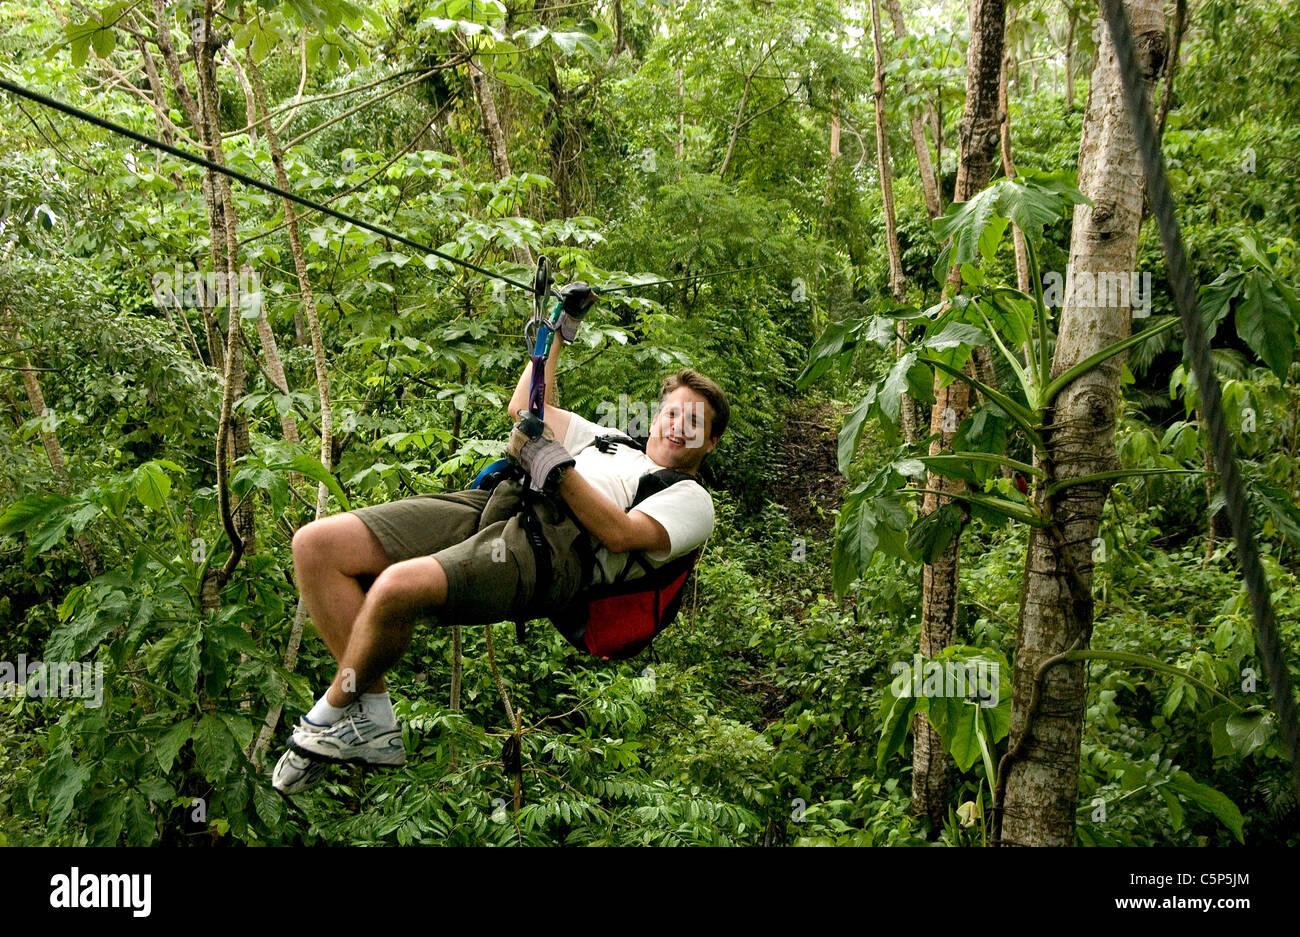 Adventurer on zip line - Stock Image